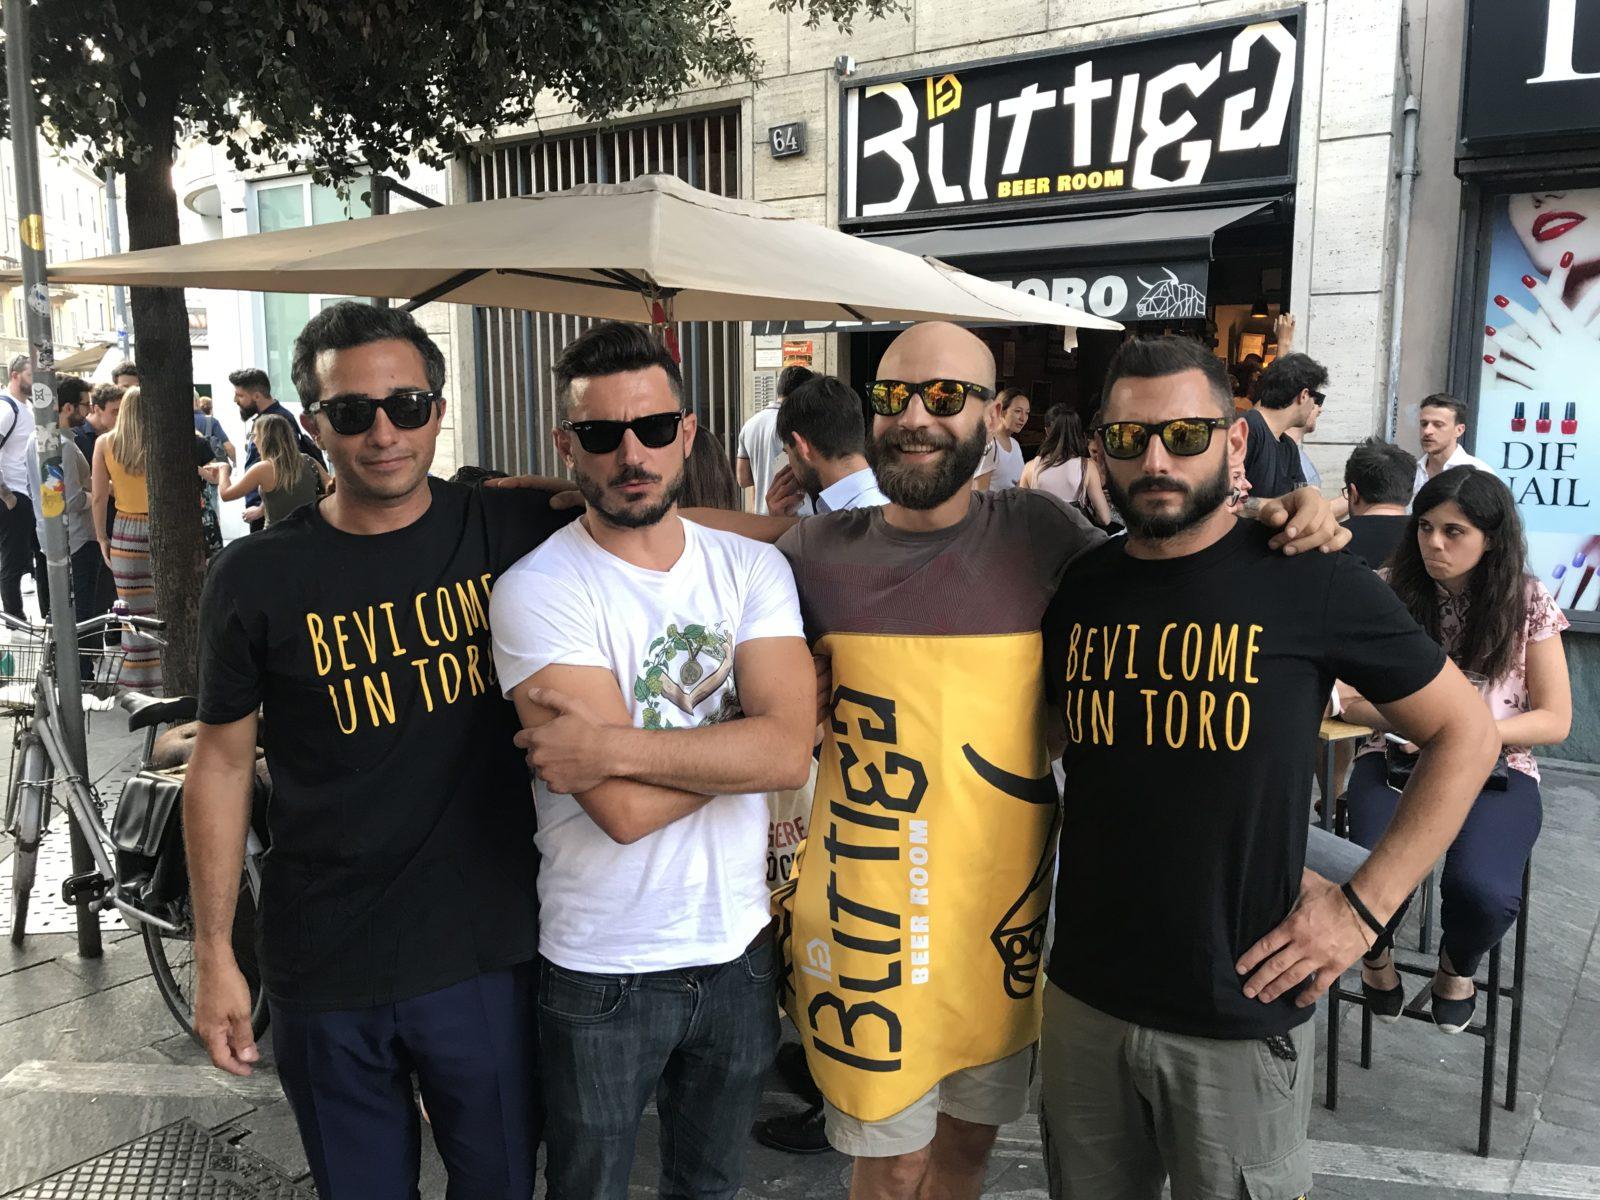 I volti de La Buttiga. Da sinistra, Luca Basellini, Stefano Pozzi, Giovanni Bruschi e Nicola Maggi